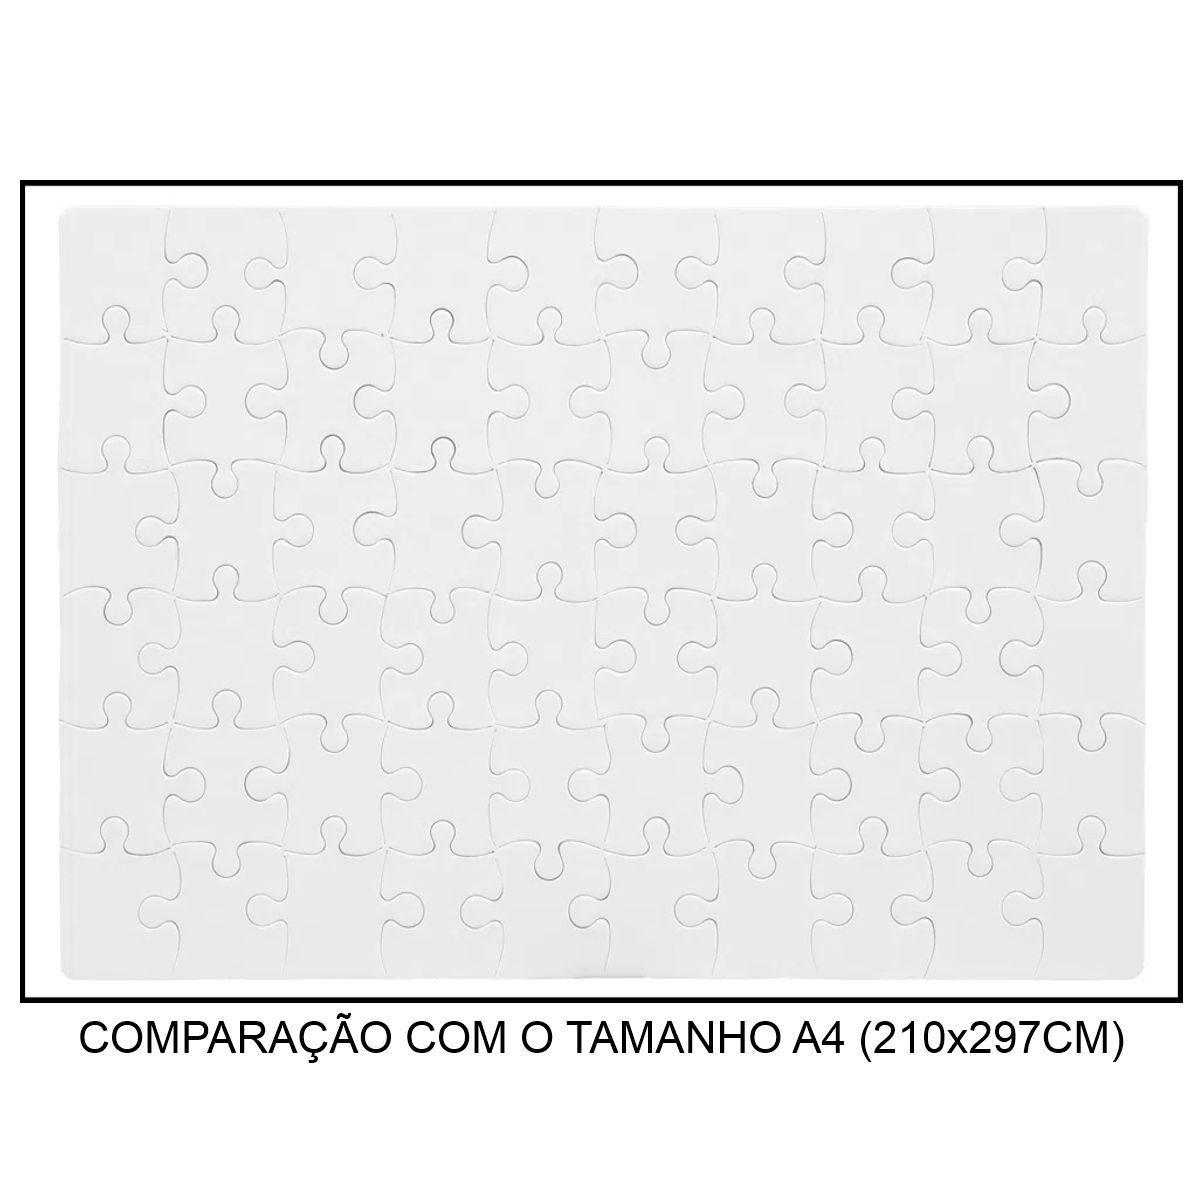 QUEBRA-CABEÇA BRANCO PARA SUBLIMAÇÃO - TAMANHO: 19x27CM (A4) - 60 PEÇAS